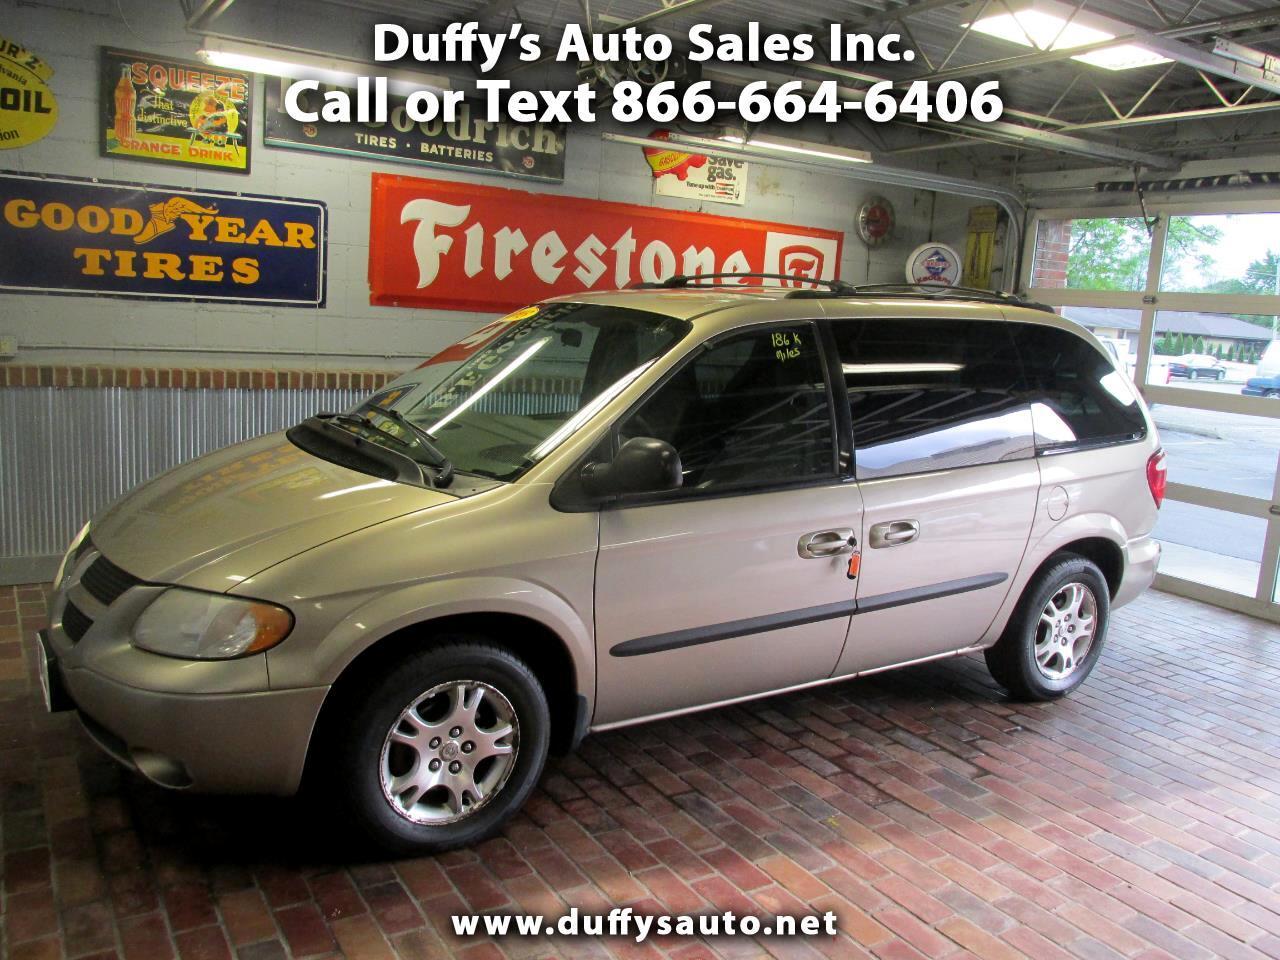 2003 Dodge Caravan 4dr Sport 113